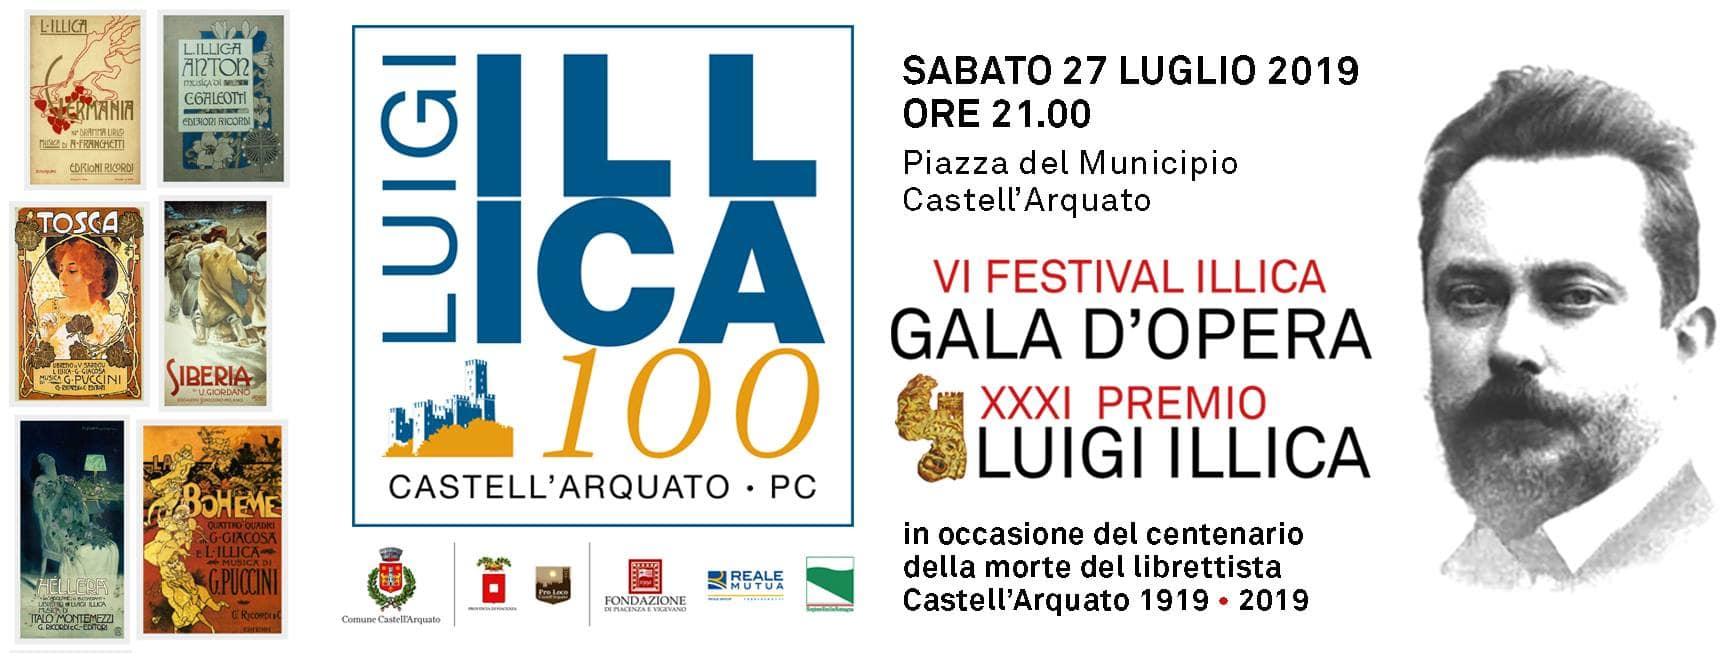 Festival Illica 2019-3